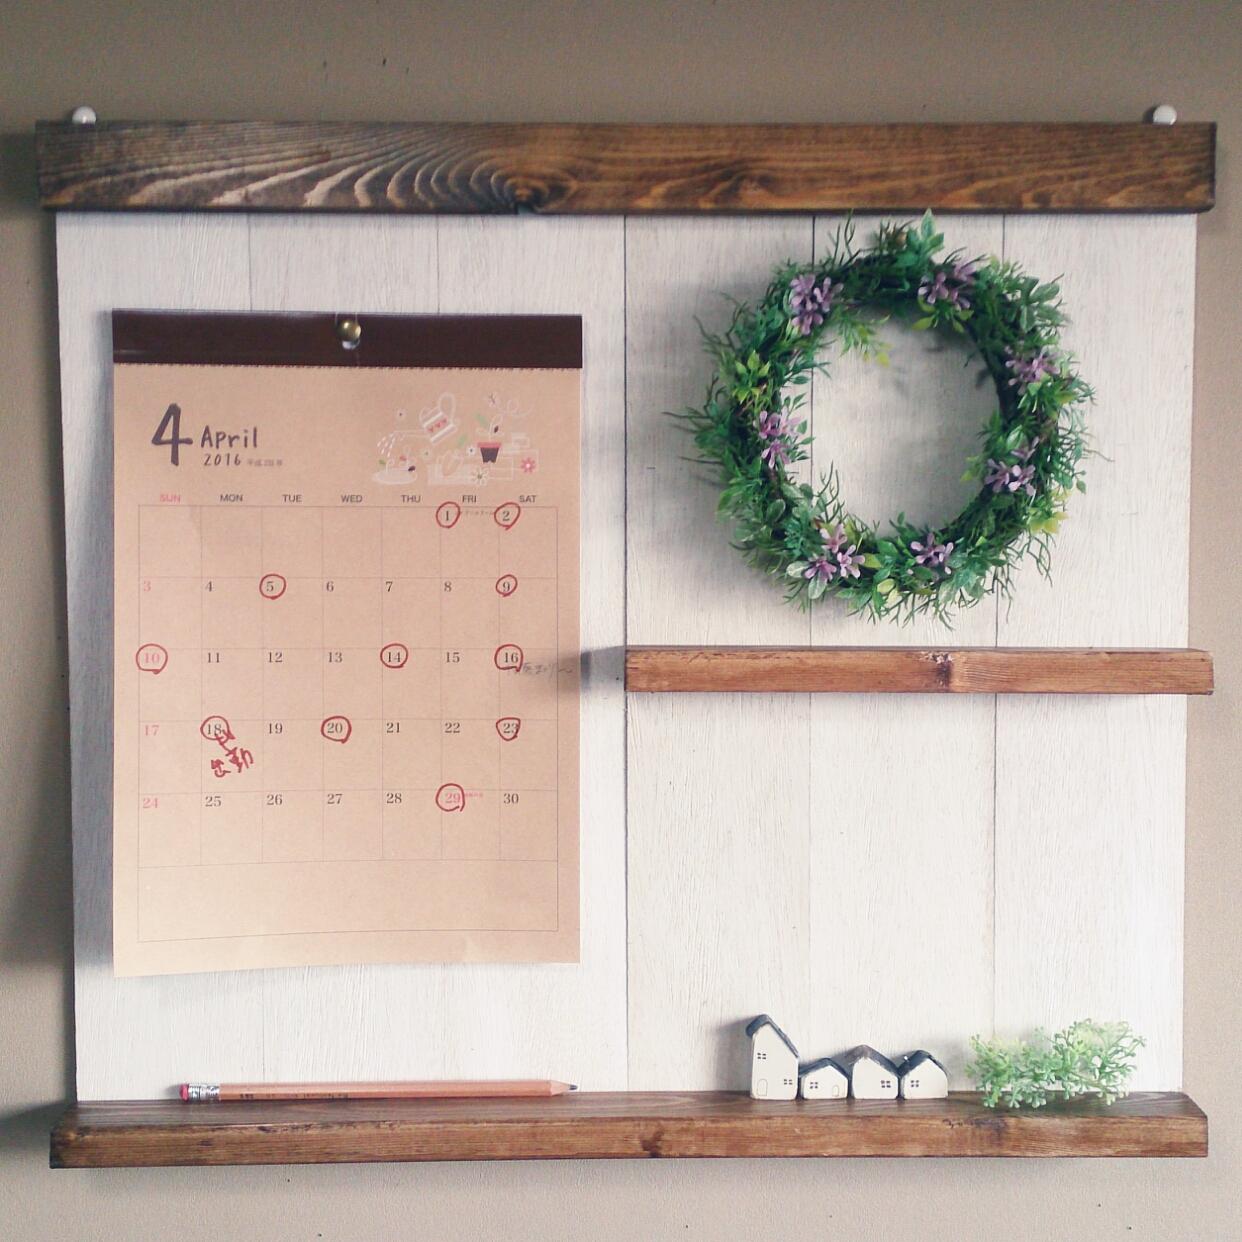 【まだ買ってない!?】カレンダーはフリーのものがお得です!のサムネイル画像